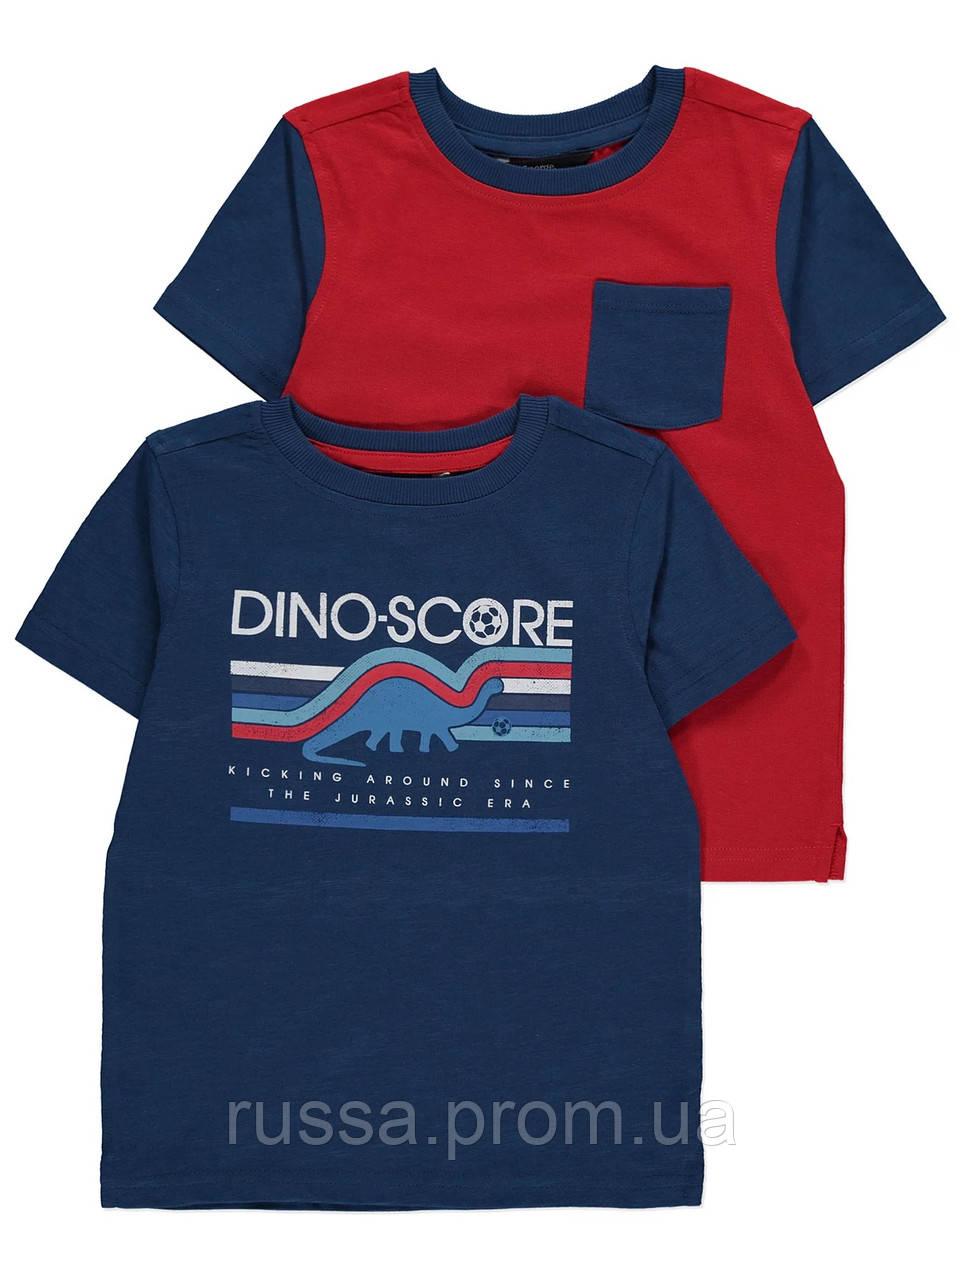 Стильные хлопковые футболочки Дино Джордж для мальчика (поштучно)